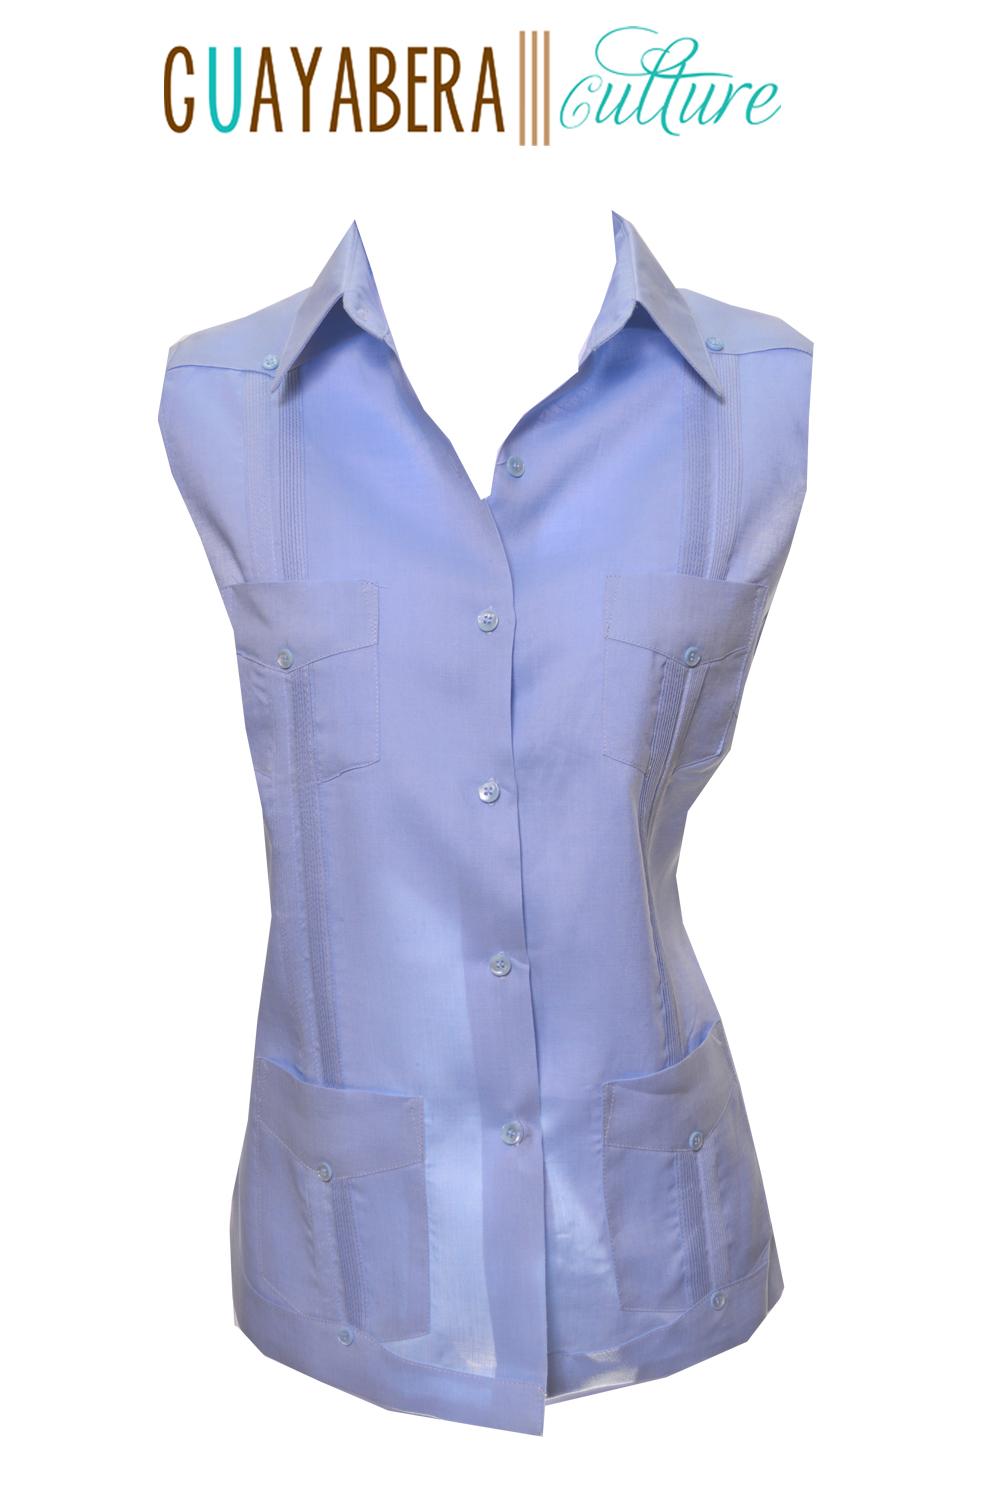 vieques female linen sleeveless guayabera guayabera culture